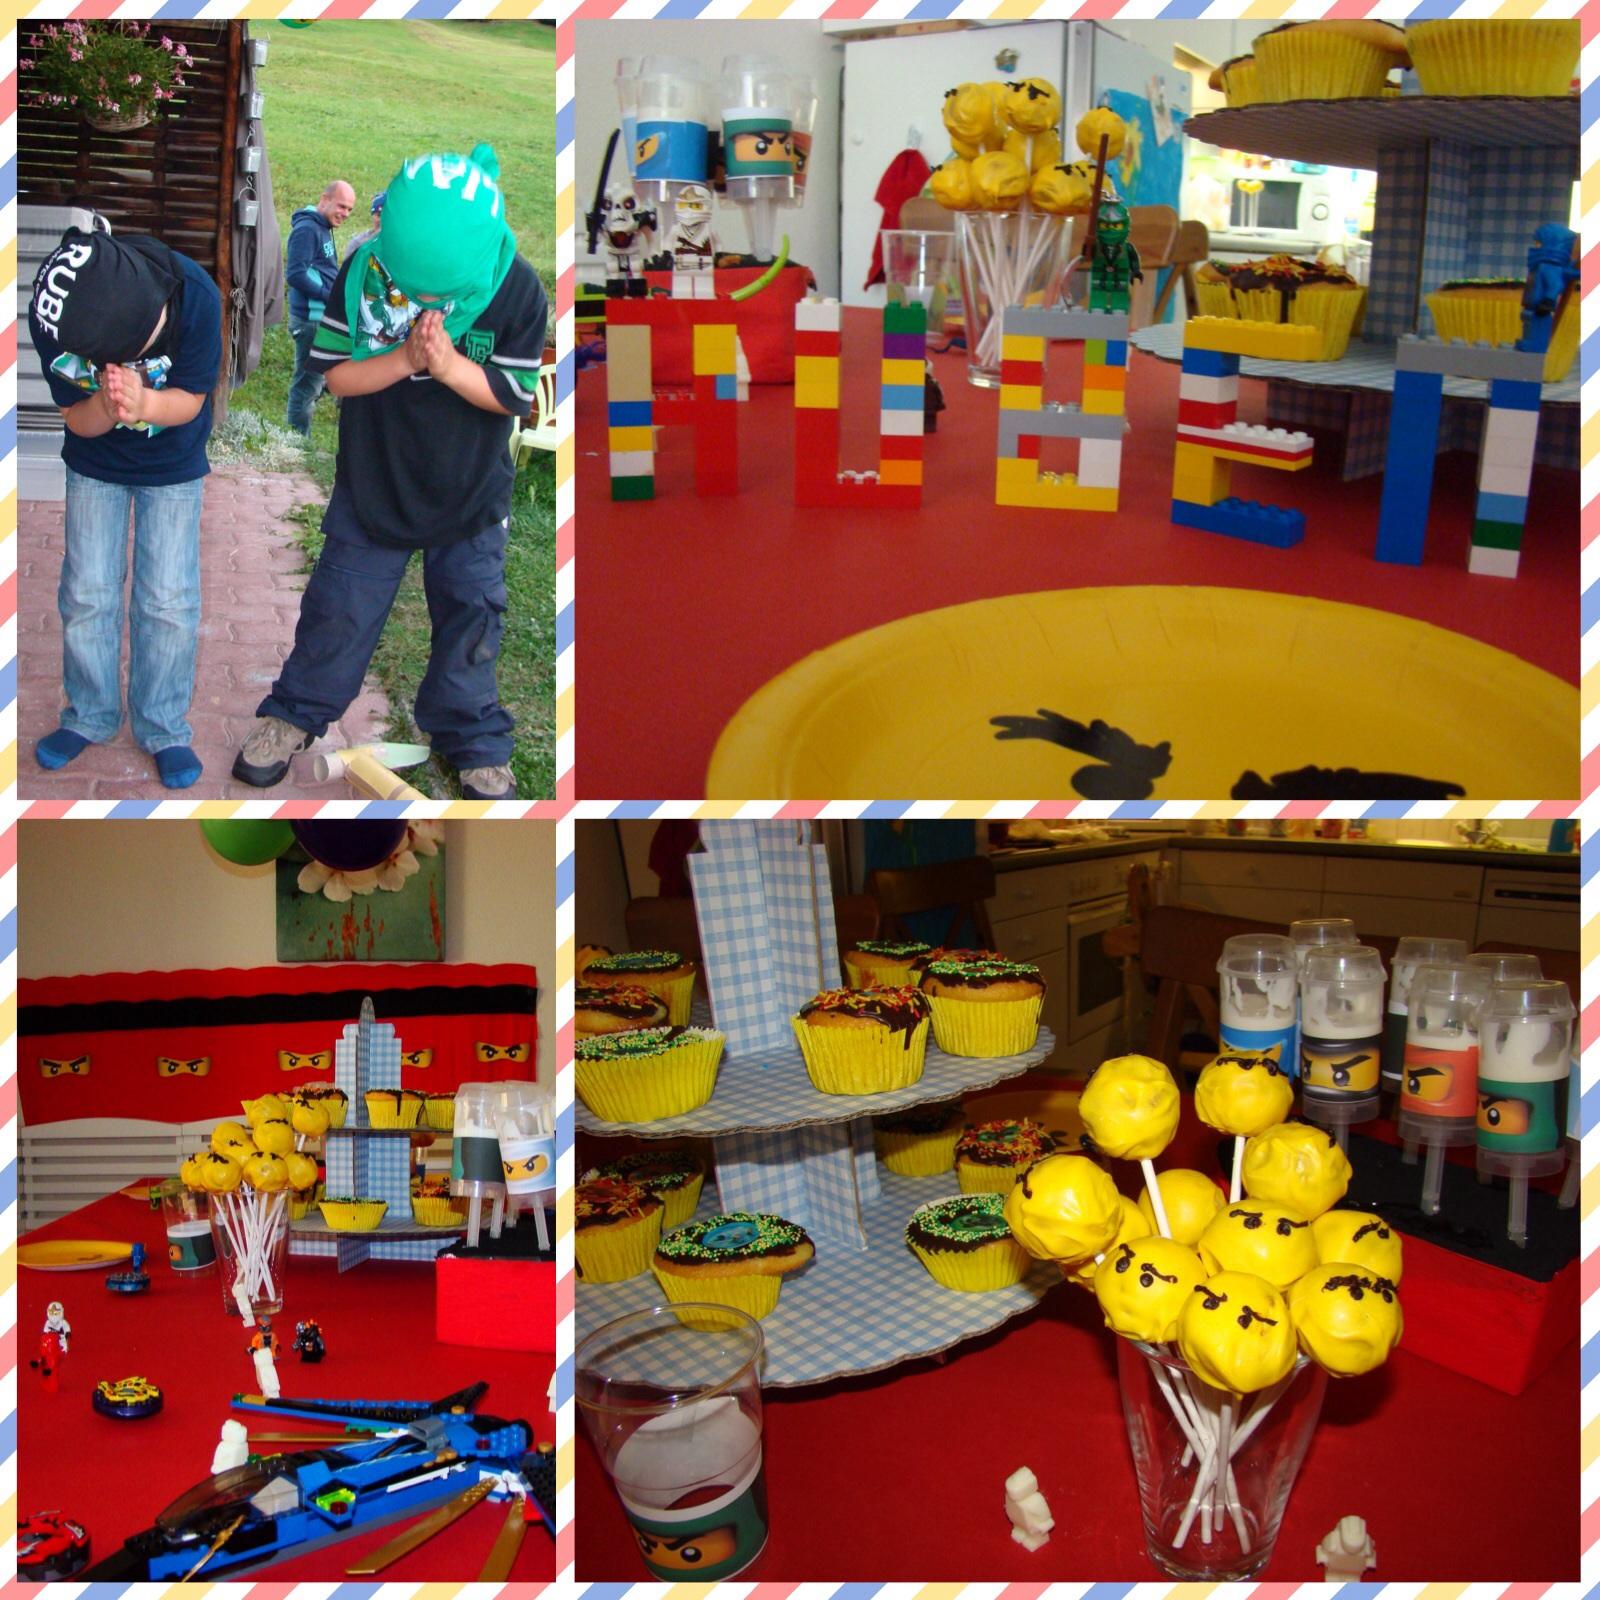 Lego Ninjago Verjaardag.Lego Ninjago Party 4boys On The Mountain